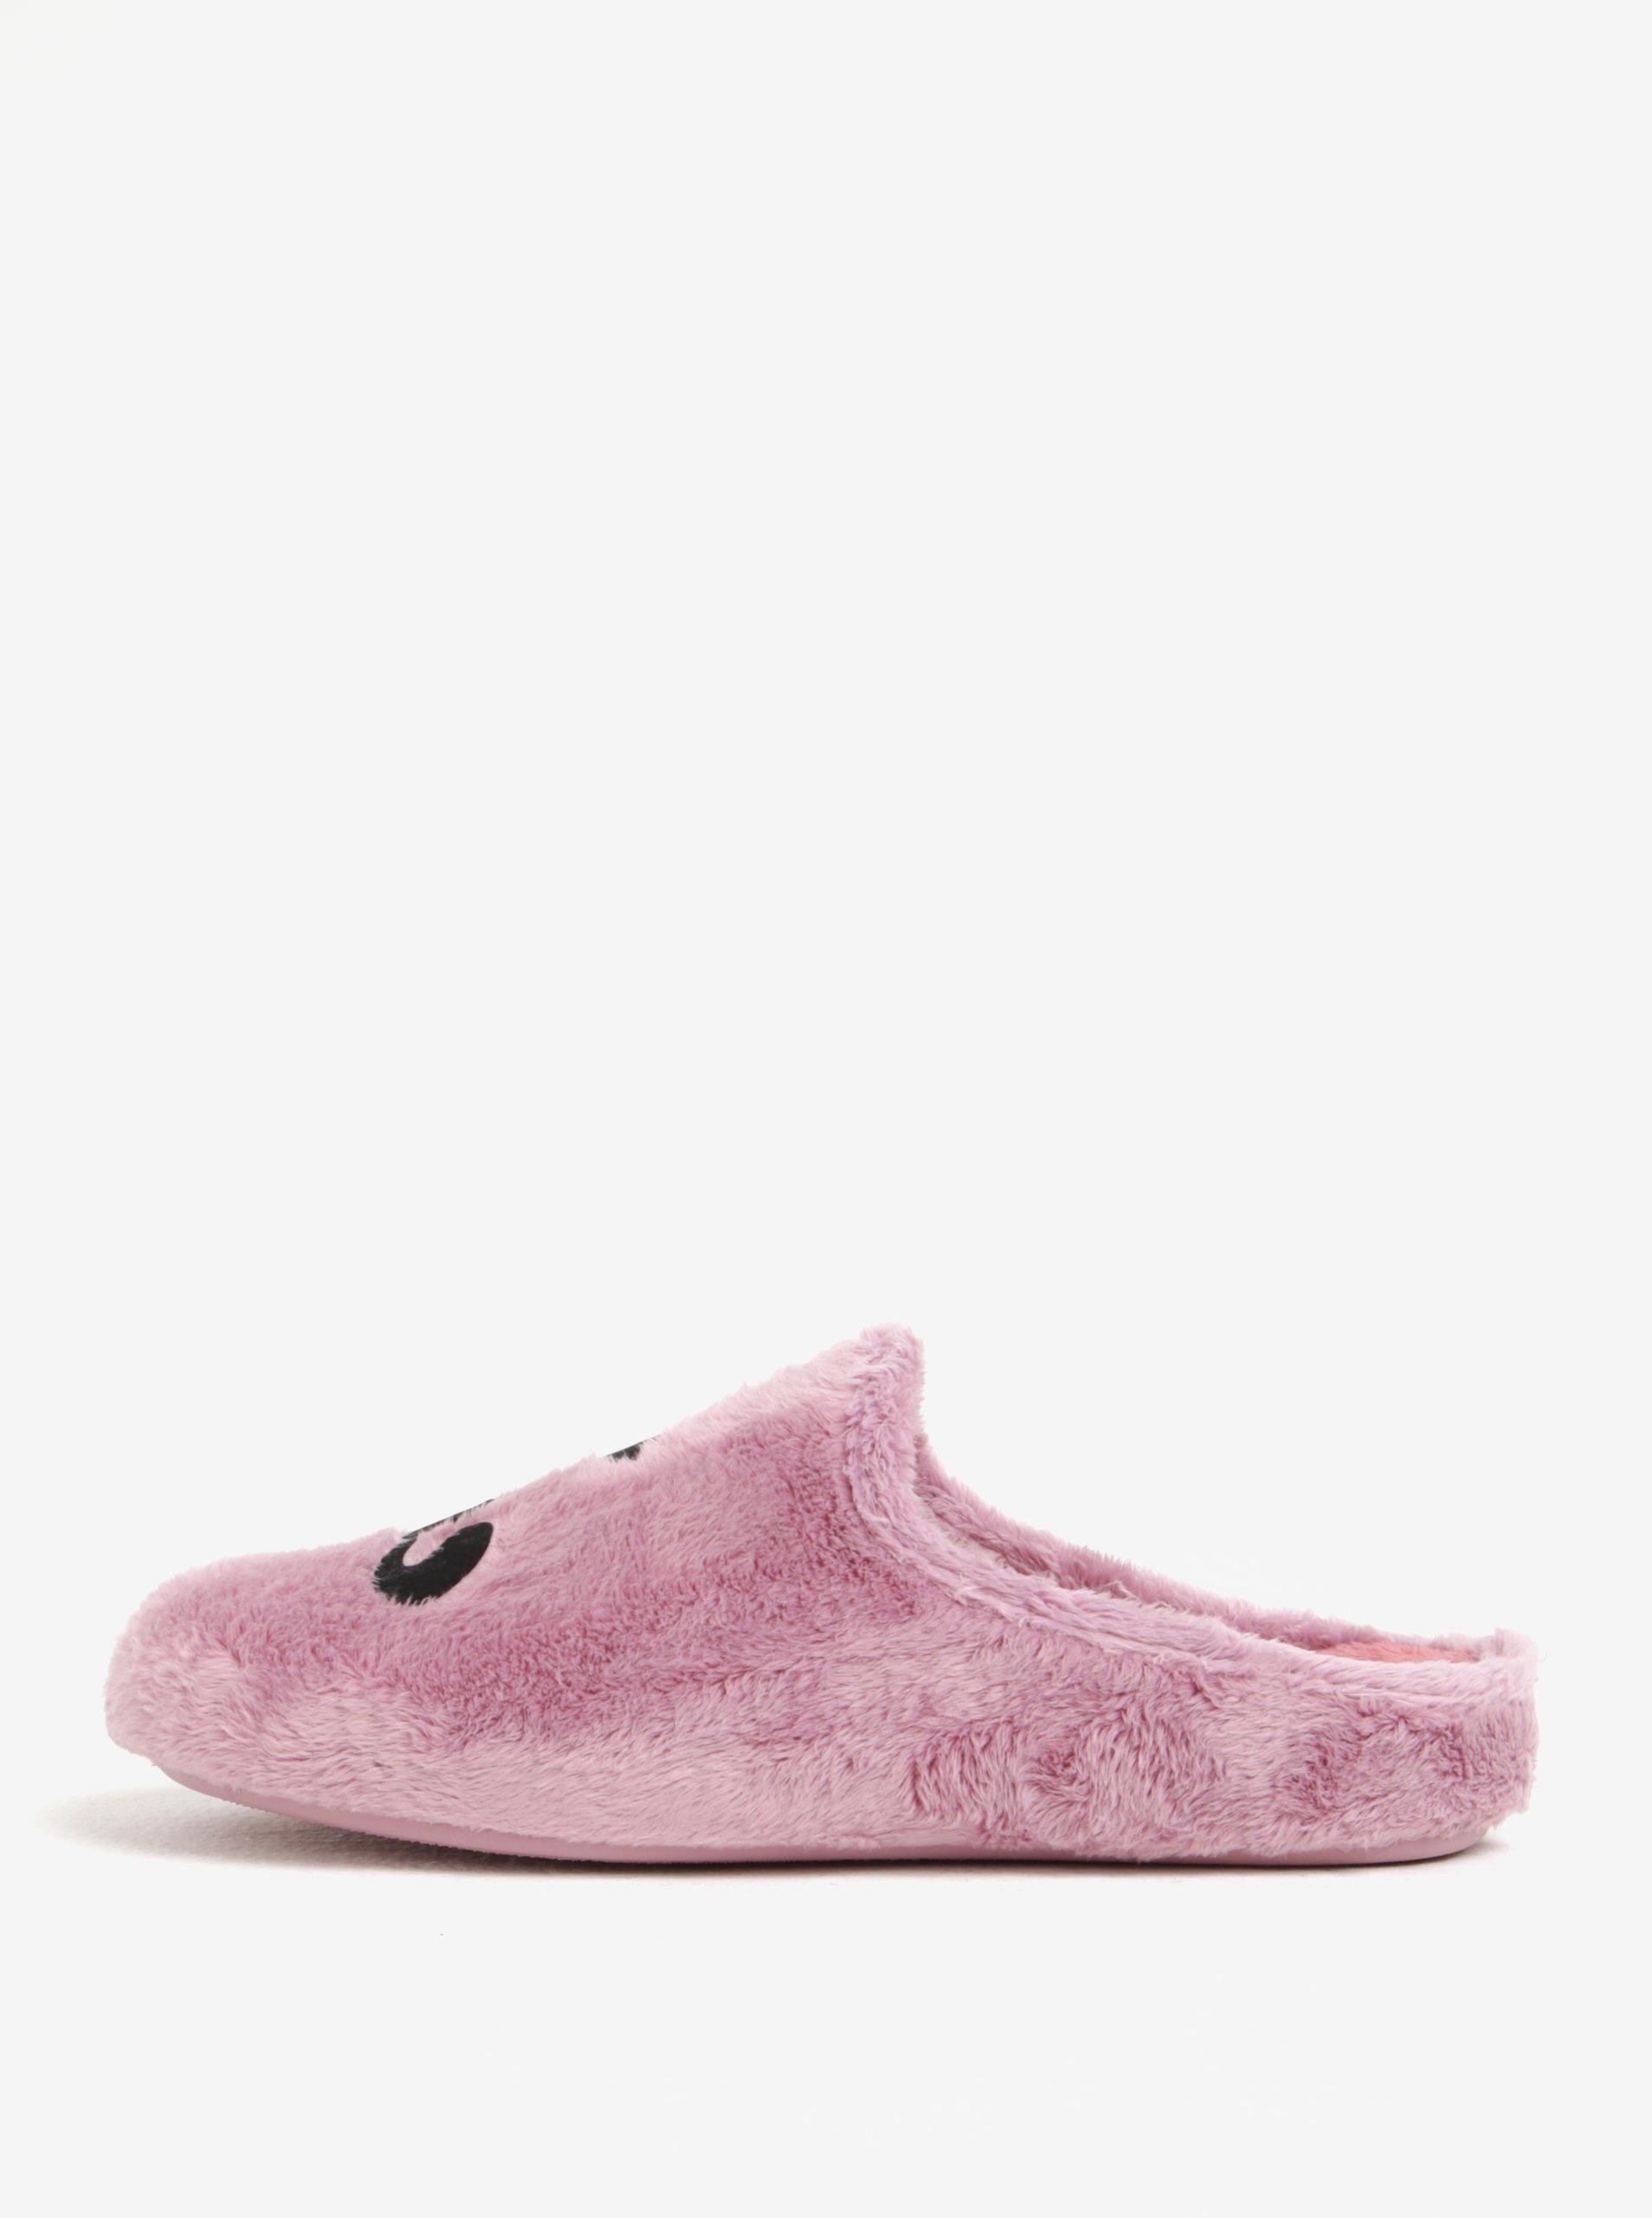 Růžové dámské papuče s motivem kočky OJJU